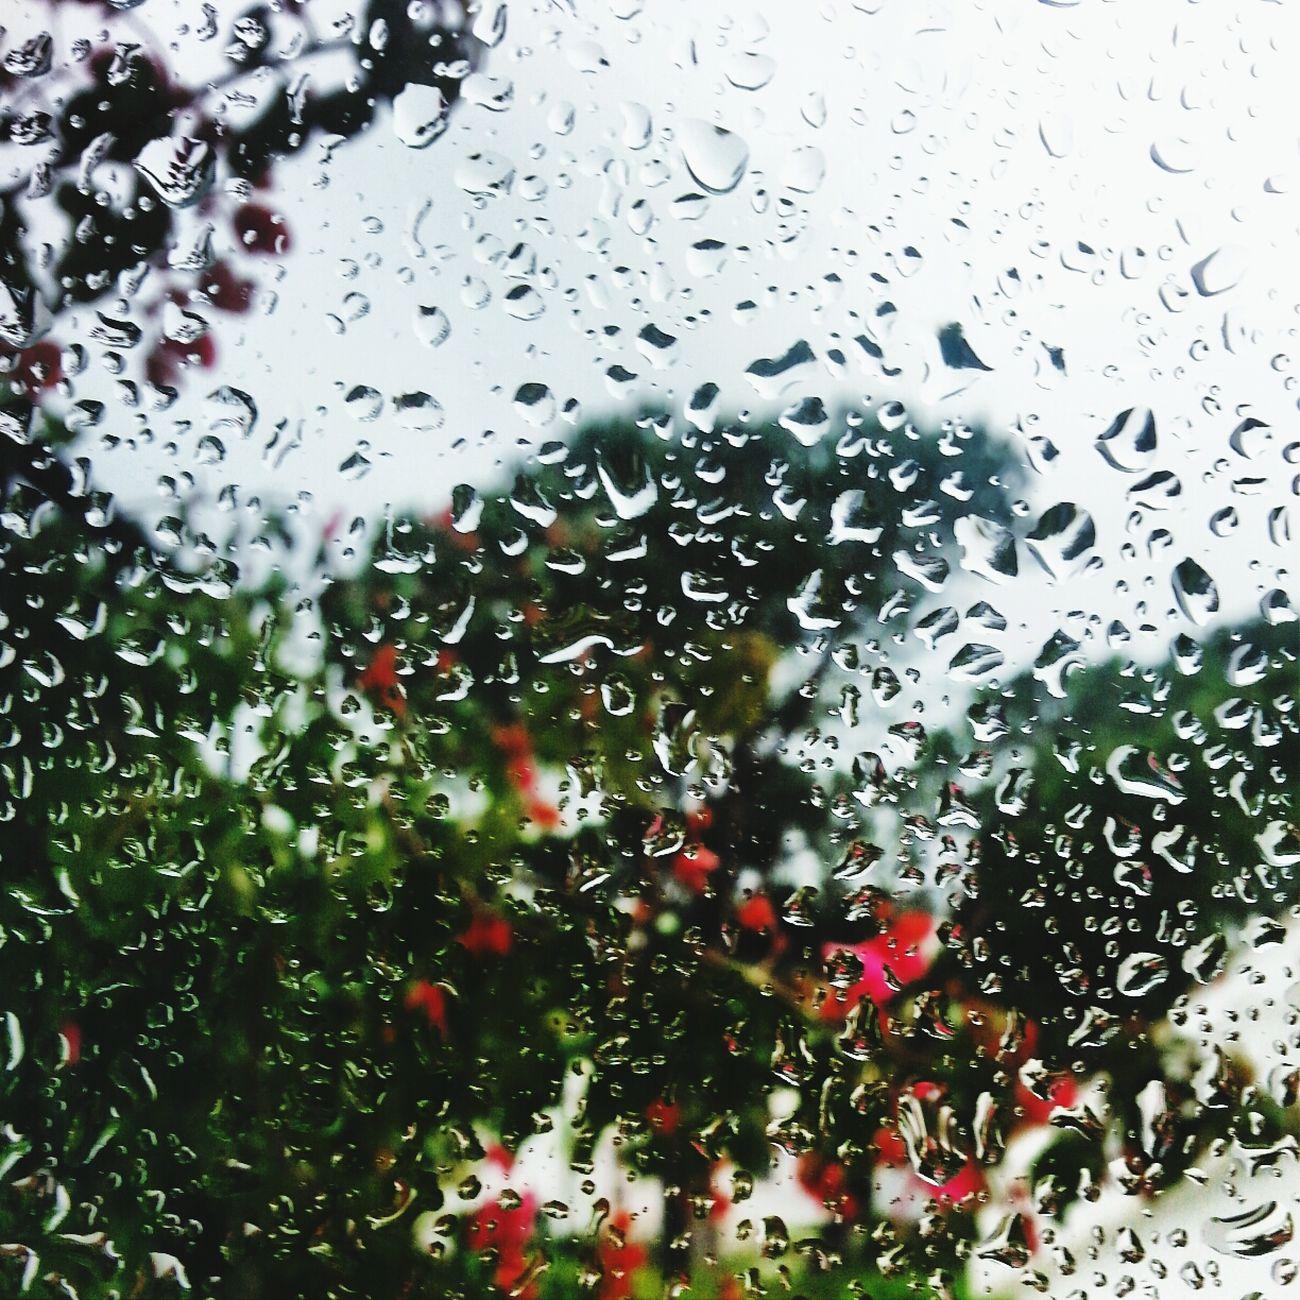 hay recuerdos que no voy a borrar, personas que no voy a olvidar, hay aromas que me quiero llevar, y silencios que prefiero callar. Spring Rain Outside_my_window Relaxing Poetry